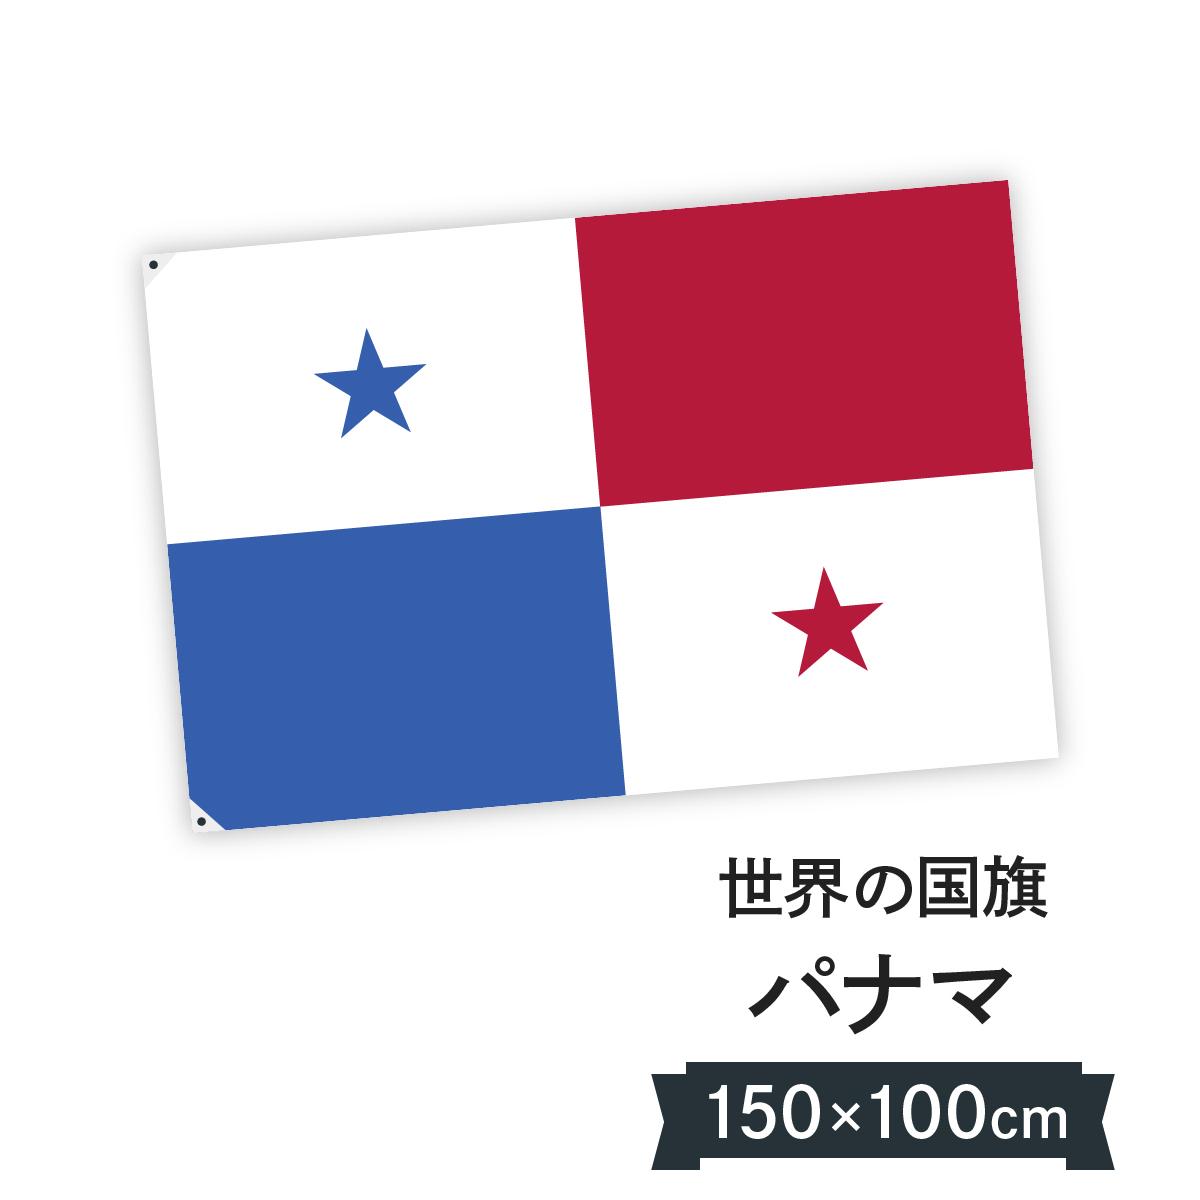 パナマ共和国 国旗 W150cm H100cm